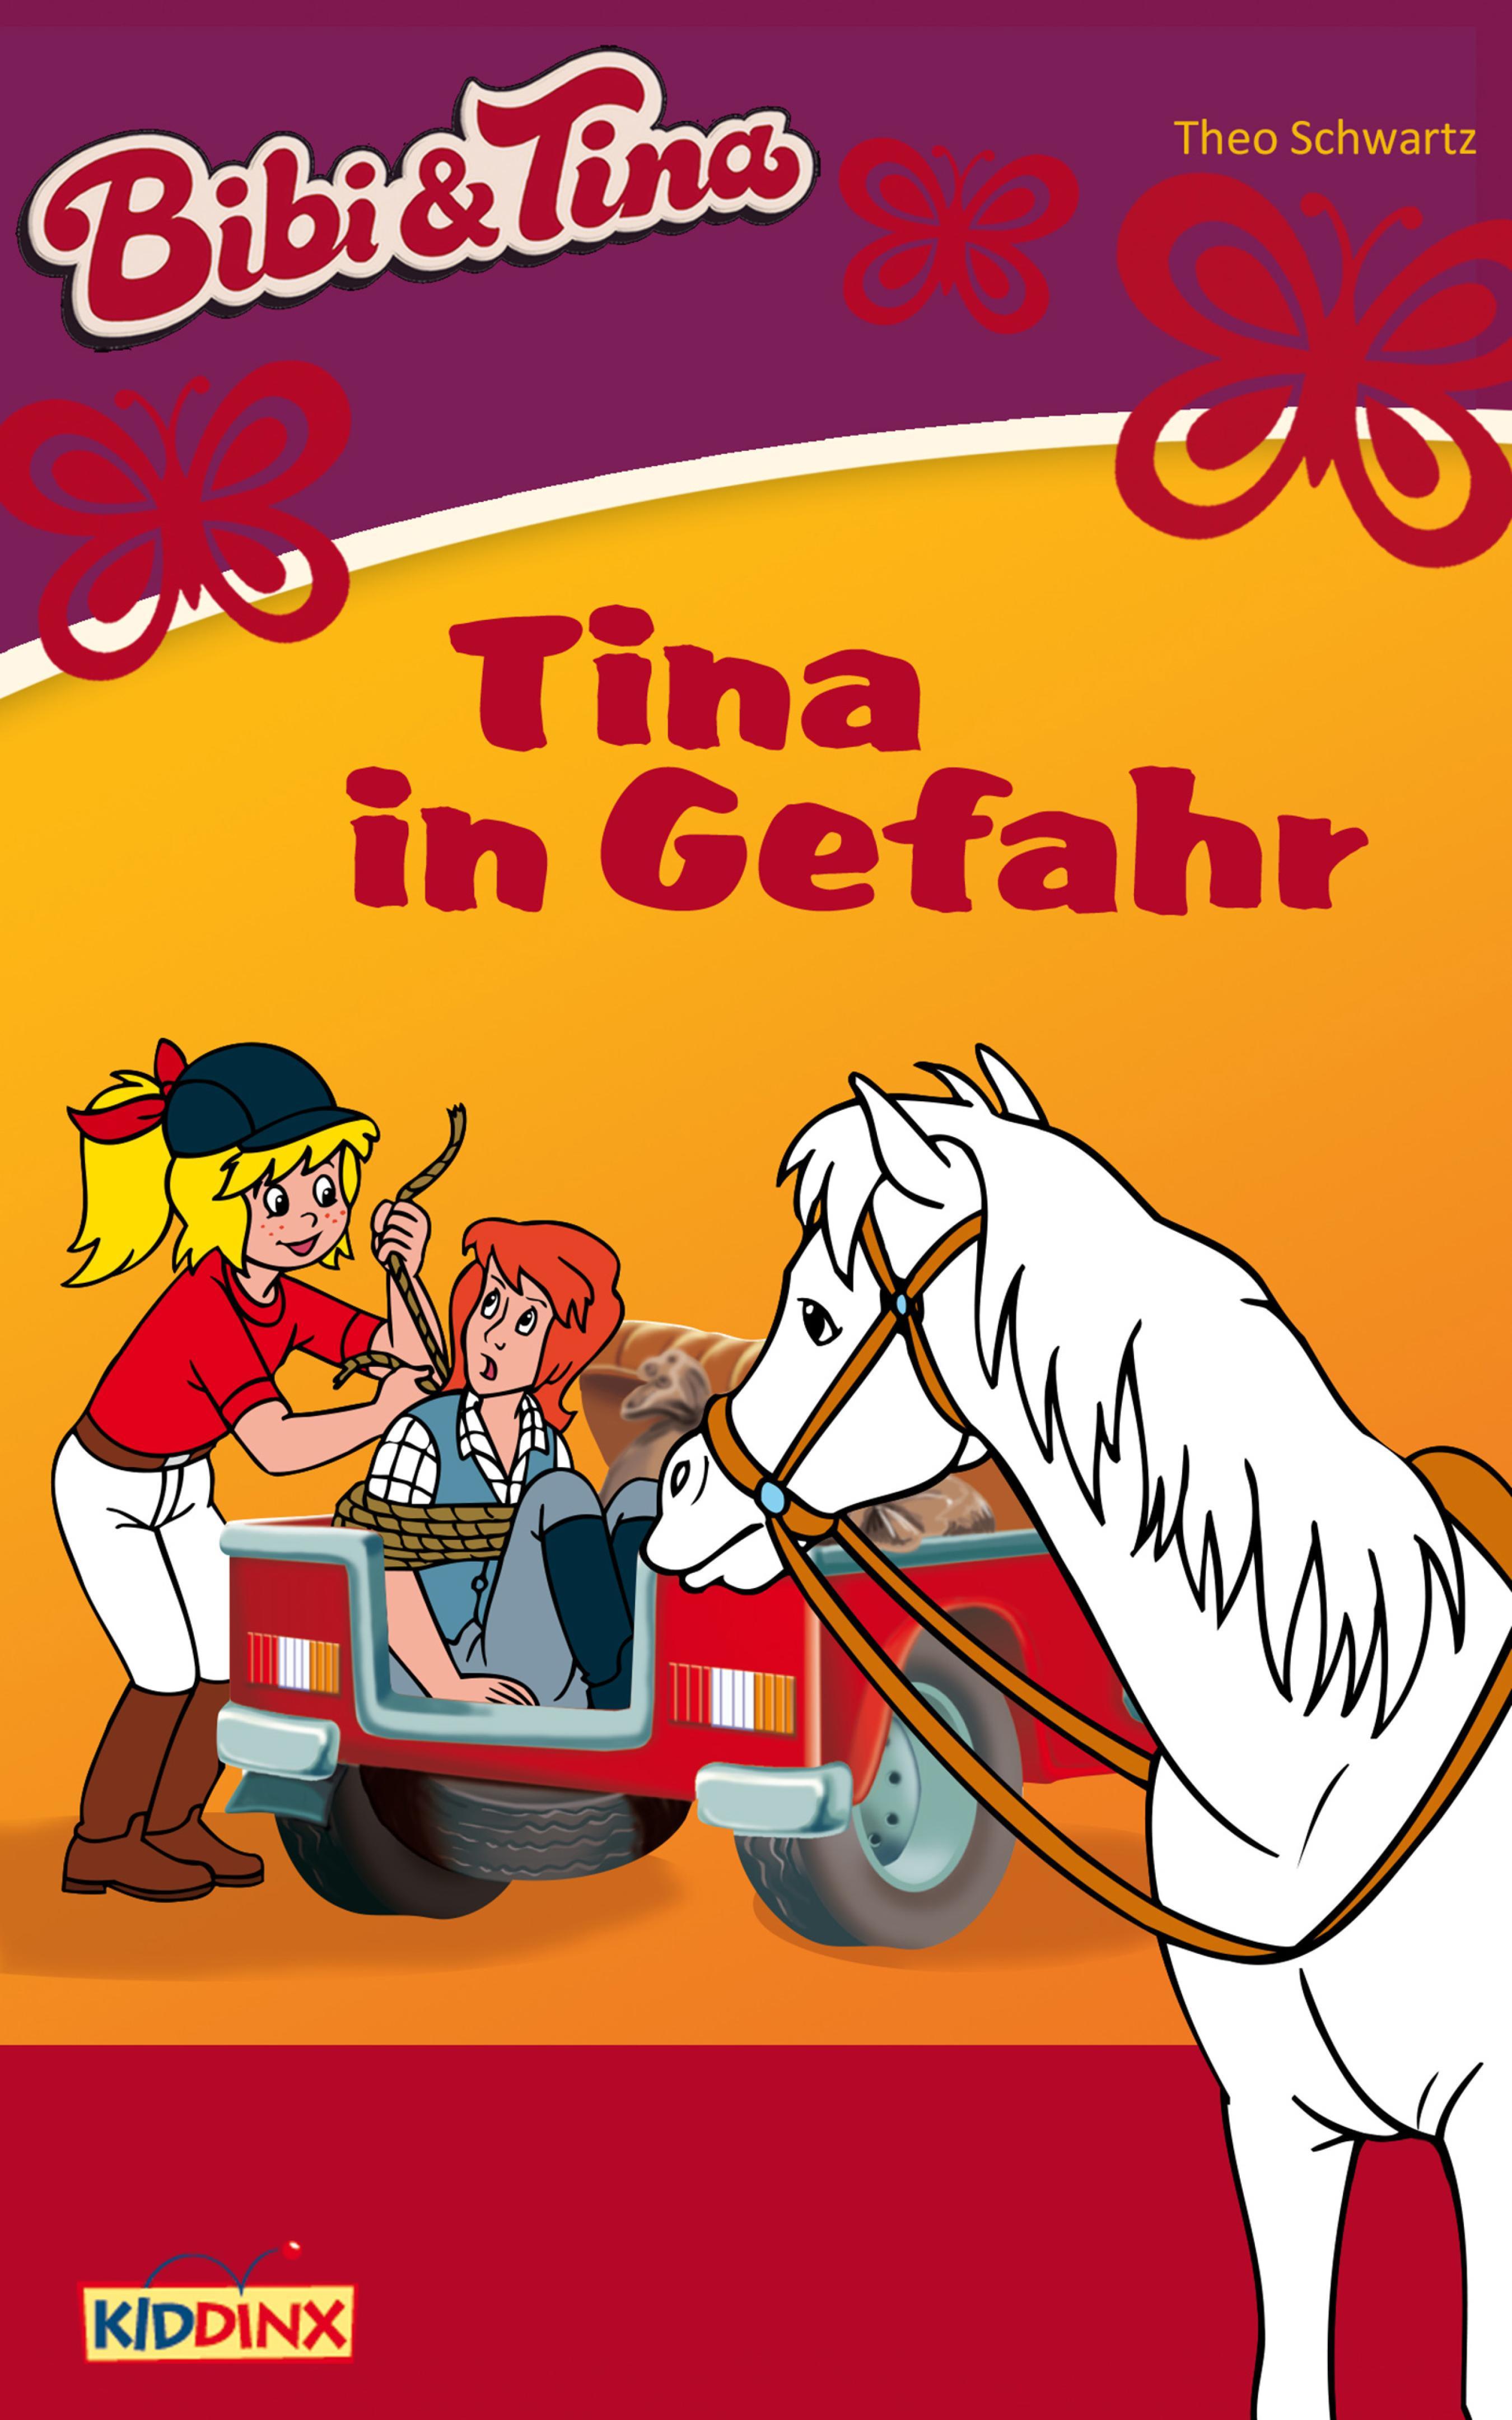 Theo Schwartz Bibi & Tina - Tina in Gefahr tina marie lees me